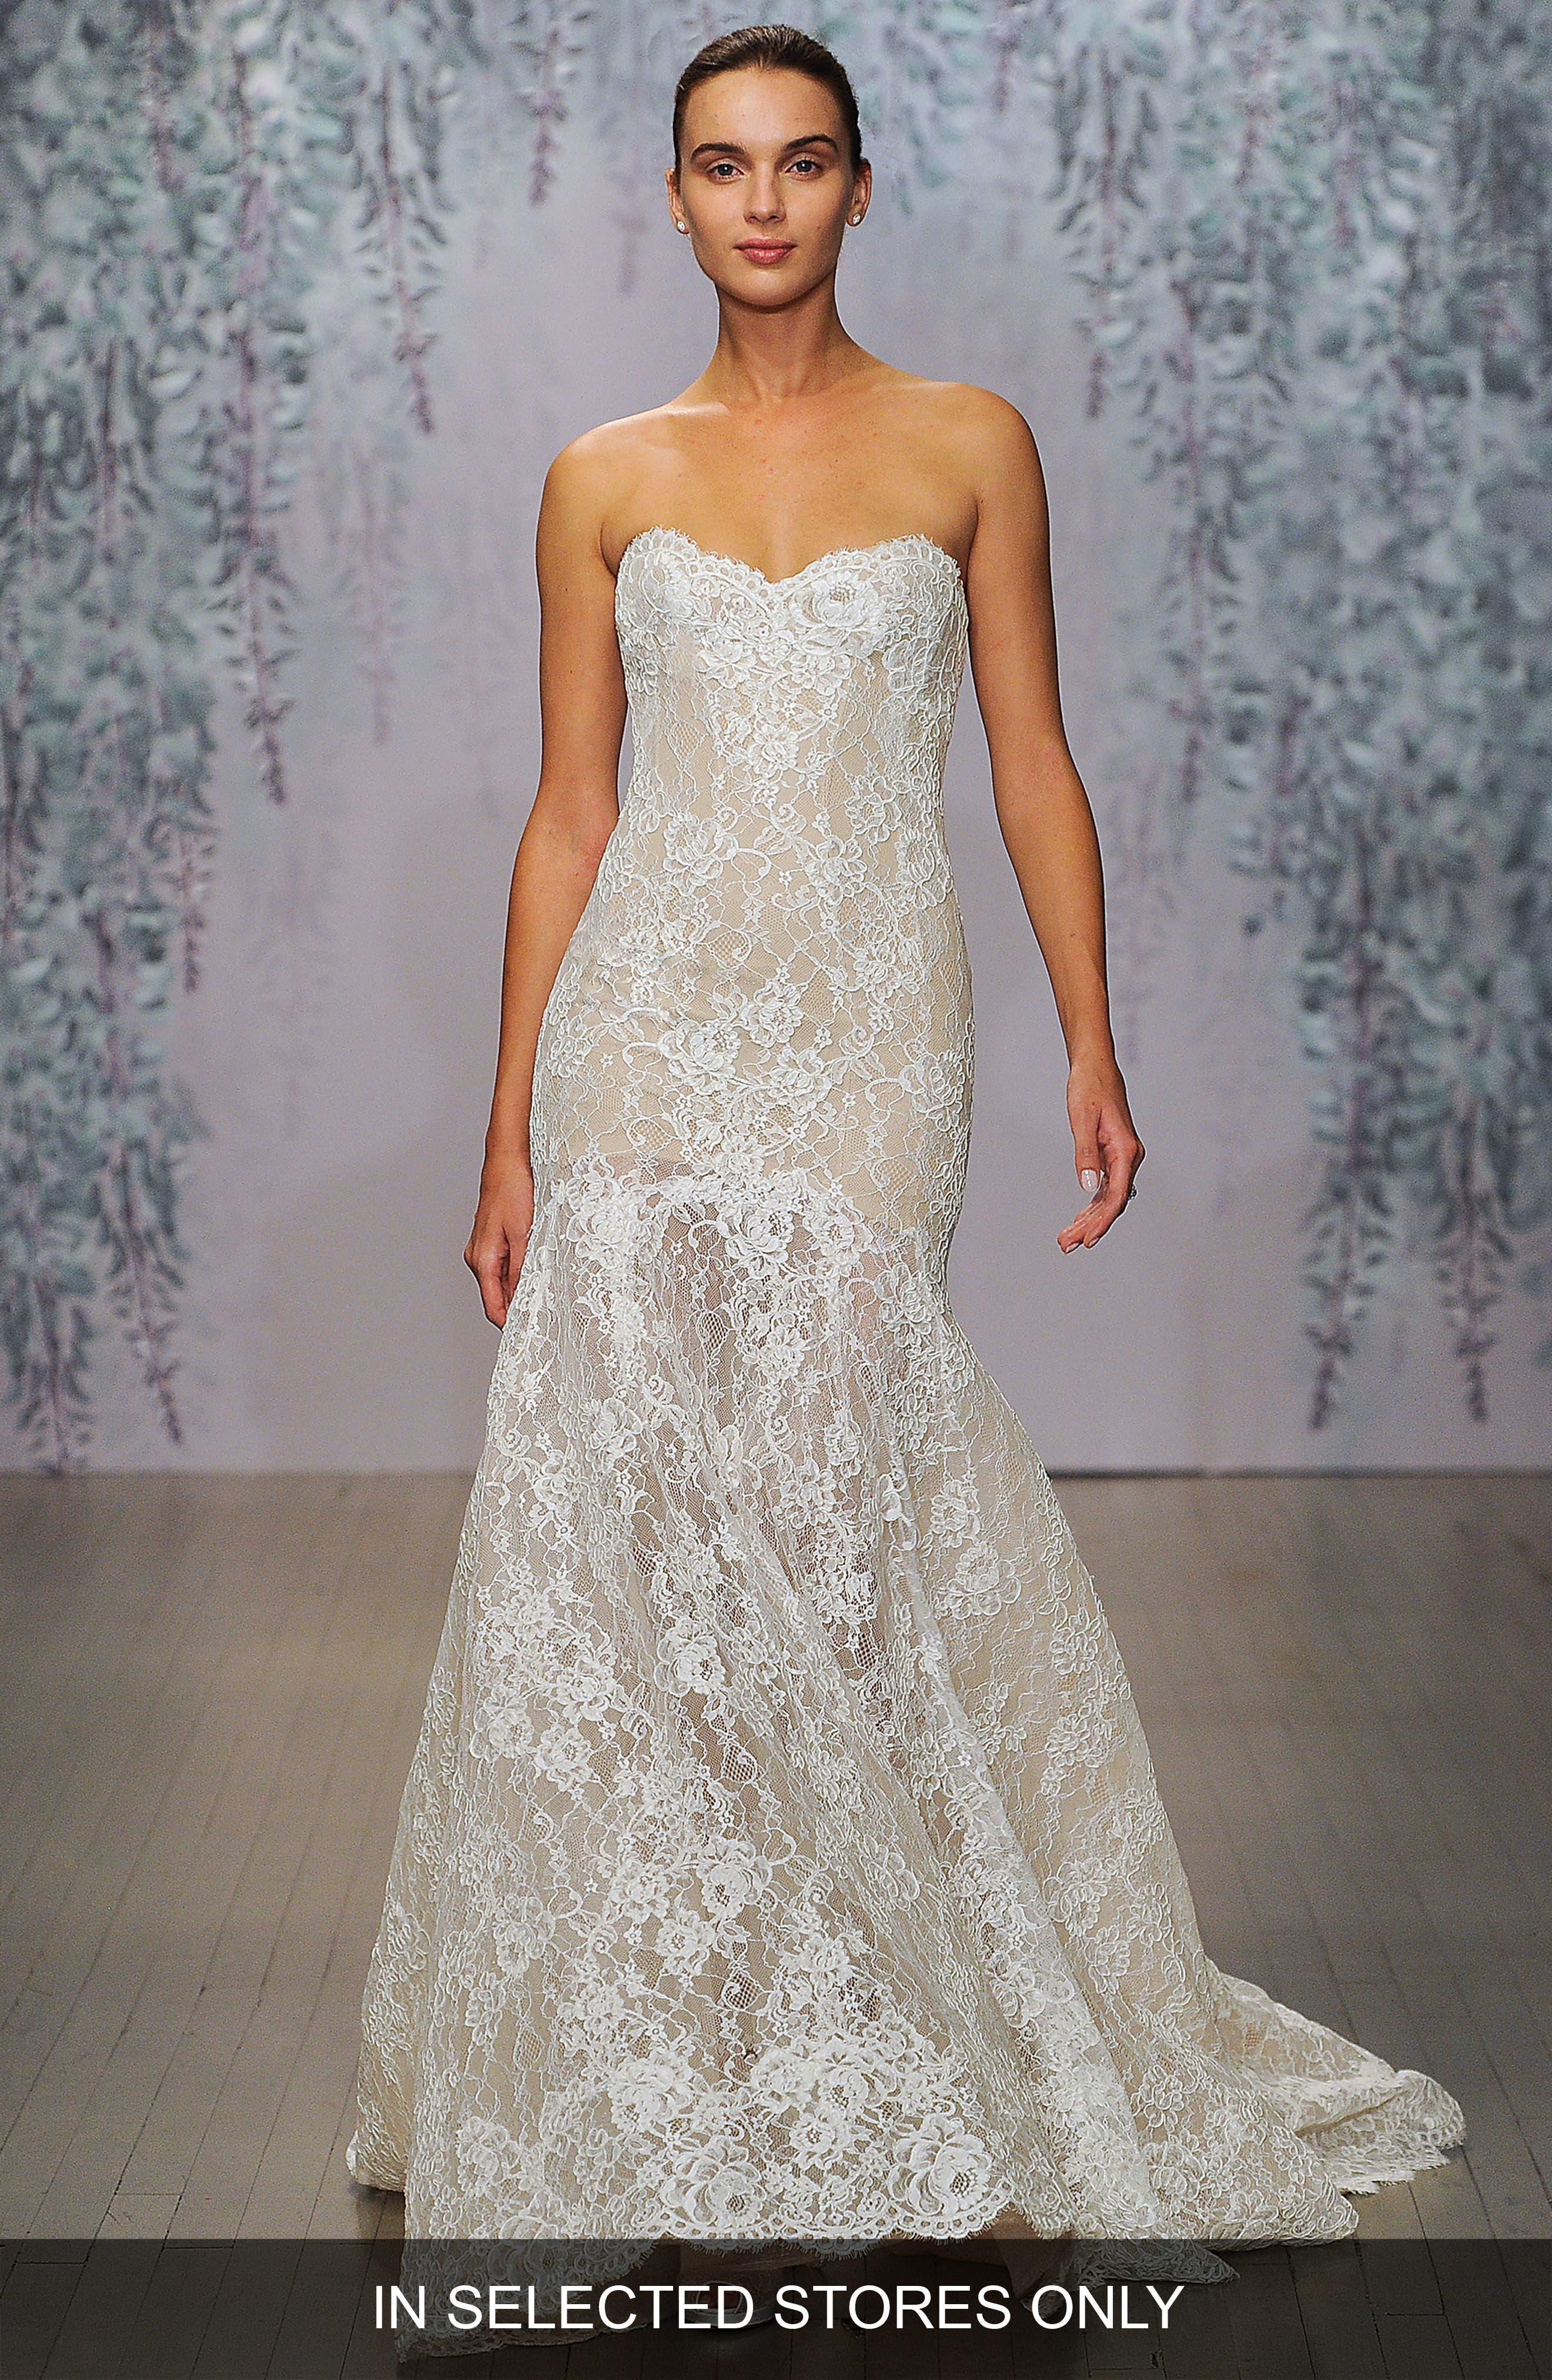 Main Image - Monique Lhuillier Farren Strapless Lace Trumpet Dress